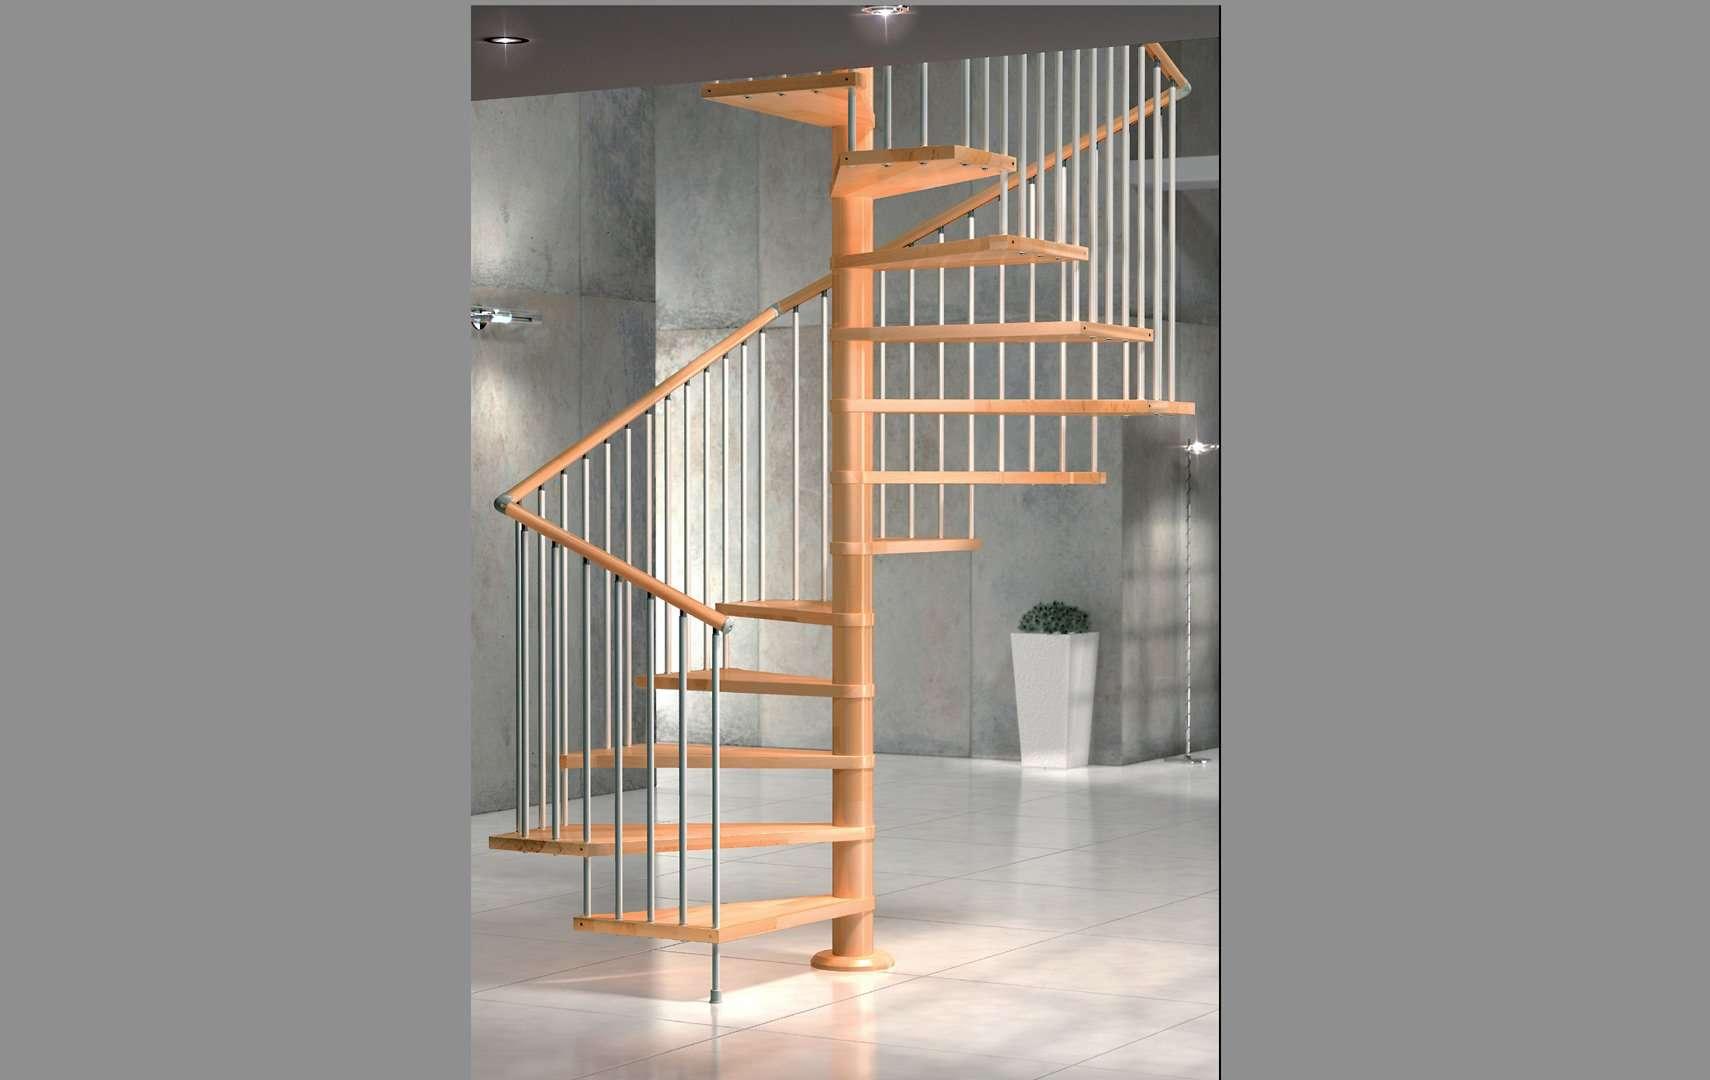 Vip ampia scelta di scale a chiocciola e scale elicoidali in legno per interni con - Scale a chiocciola bari ...